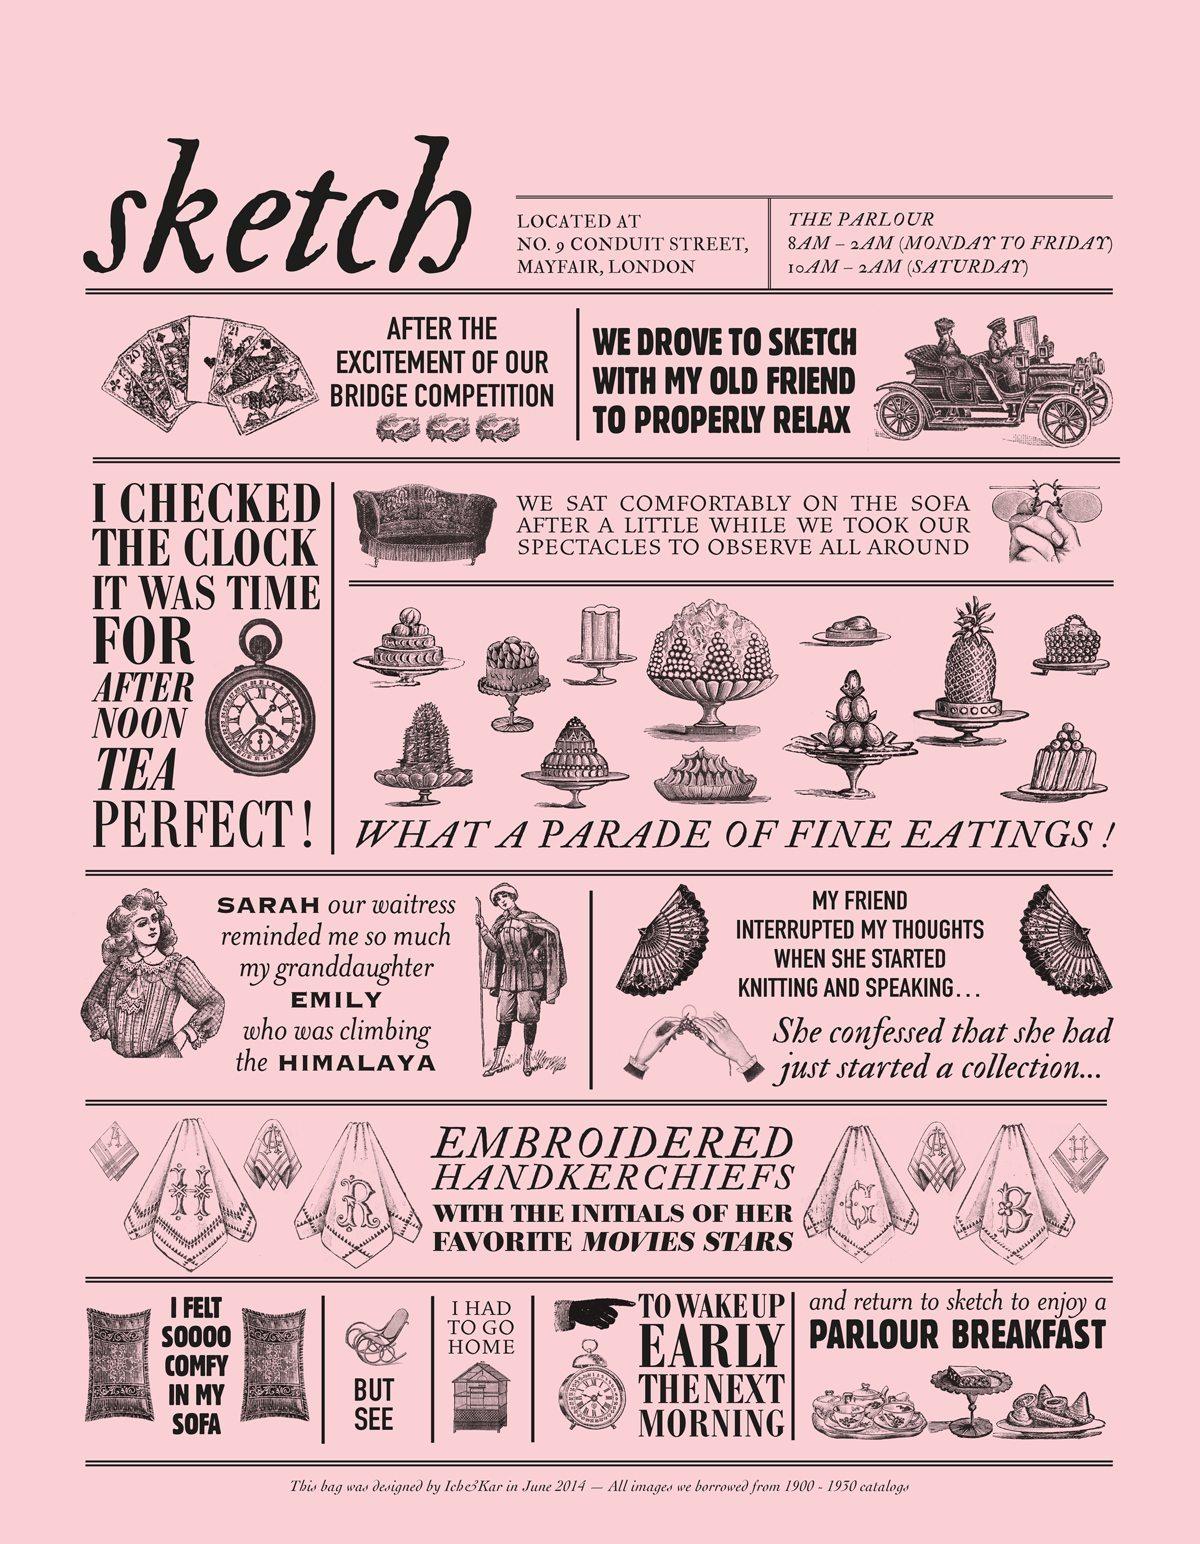 Les histoires illustrées par des gravures pour le sac rose du restaurant Sketch à Londres, design Ich&Kar